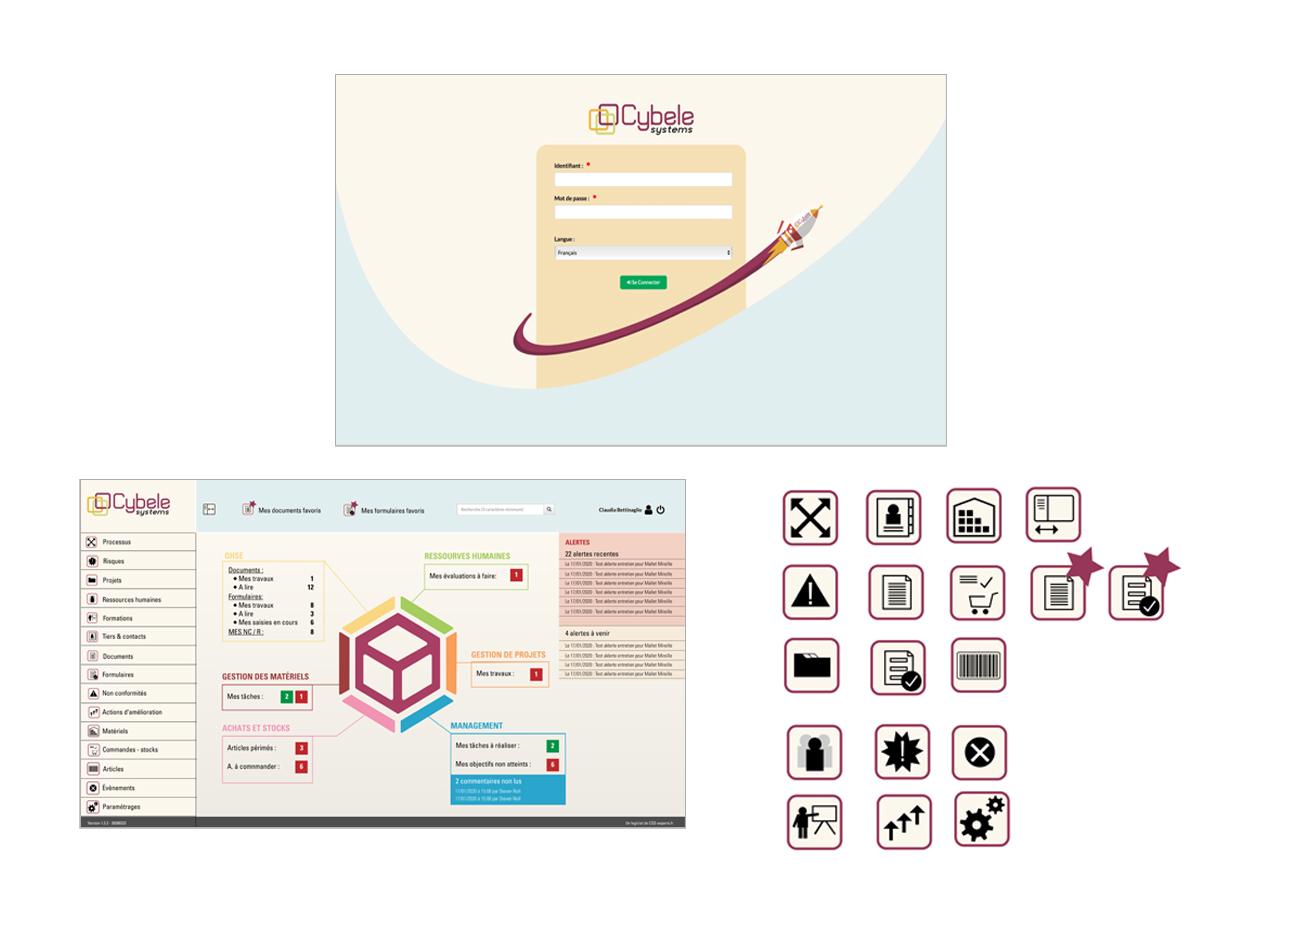 Gestaltung der Grafikfür das Programm Aussehen des Programms Logo Cybele Systems LOGICIEL TOUT EN UN DE PILOTAGE DE VOTRE ENTREPRISE